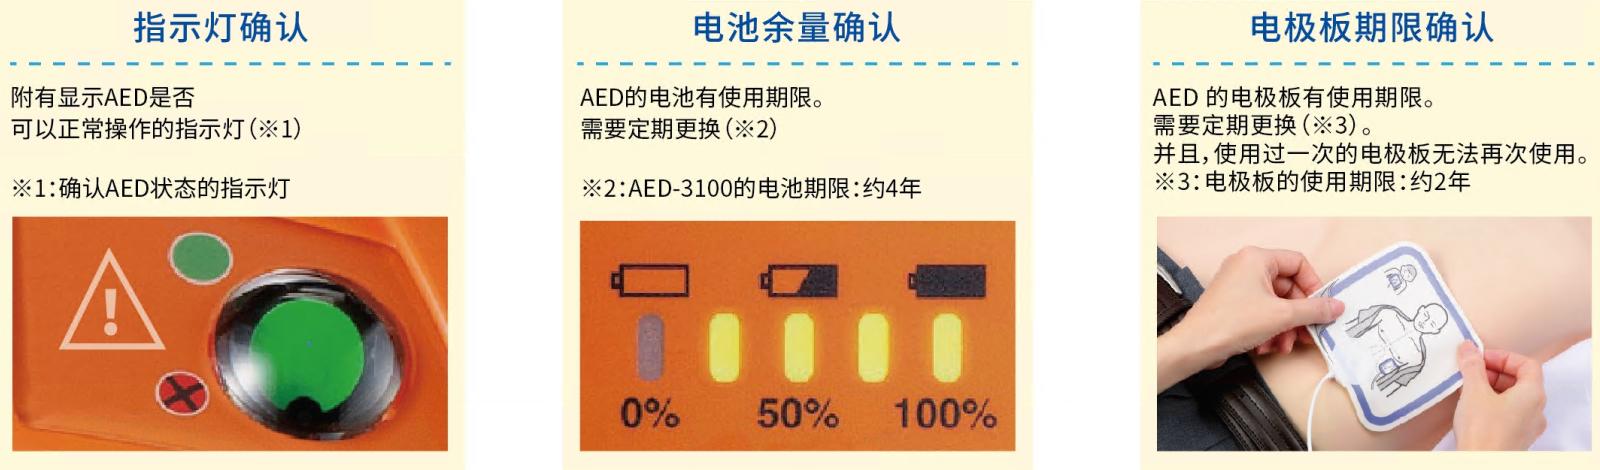 指示灯确认、电池余量确认、电极板期限确认